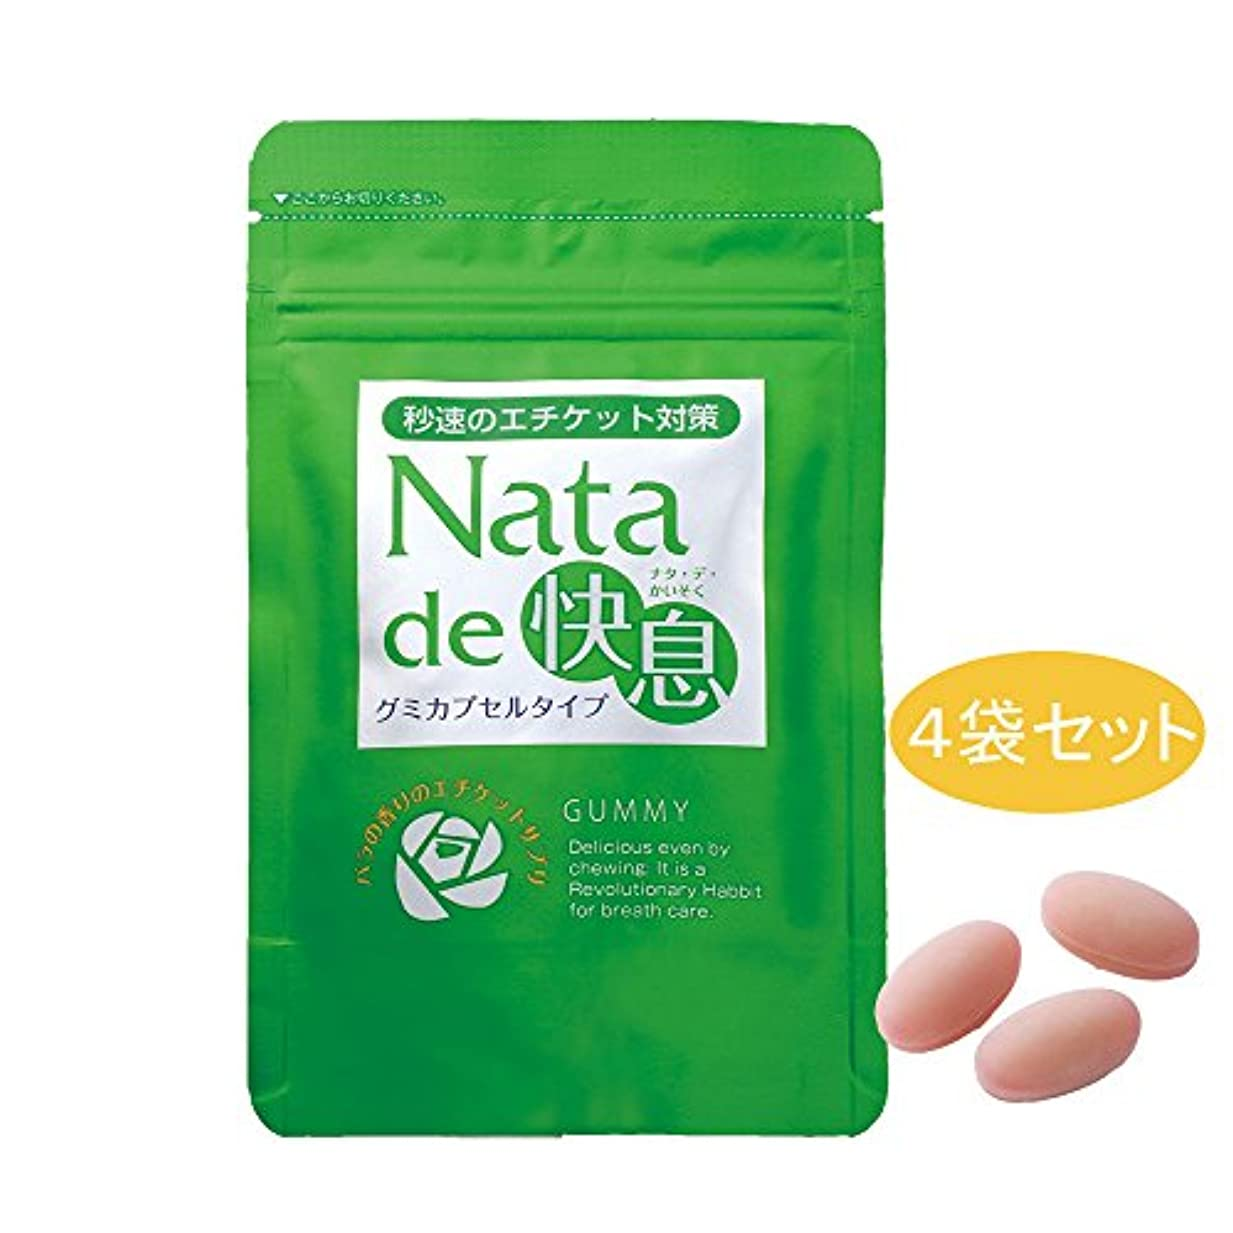 エゴイズムライムグレードナタデ快息 バラの香り 4袋